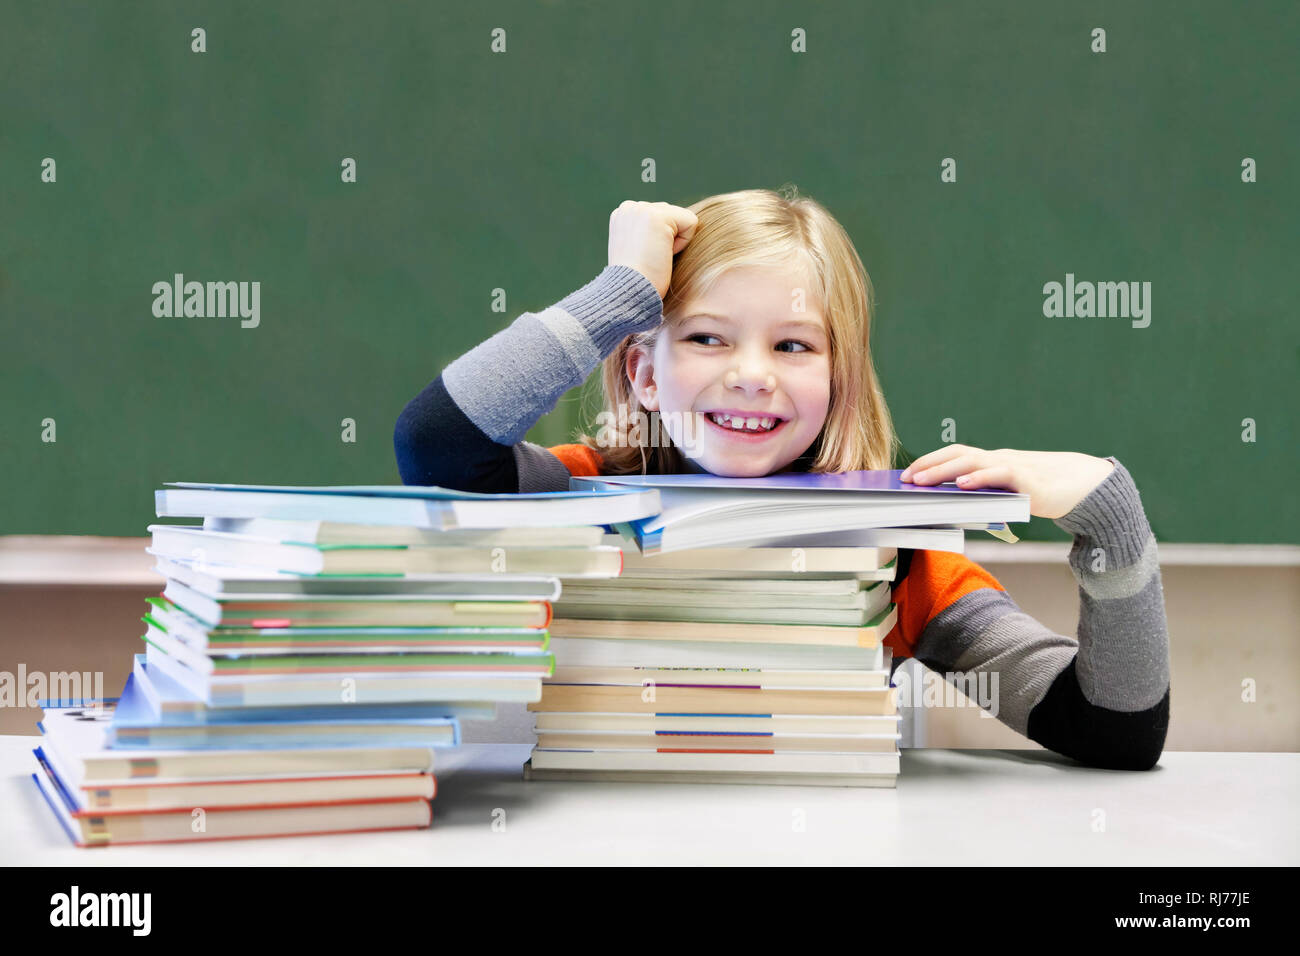 Schülerin, 9 Jahre alt, lächelnd vor zwei Stapeln Bücher vor einer Tafel Stock Photo